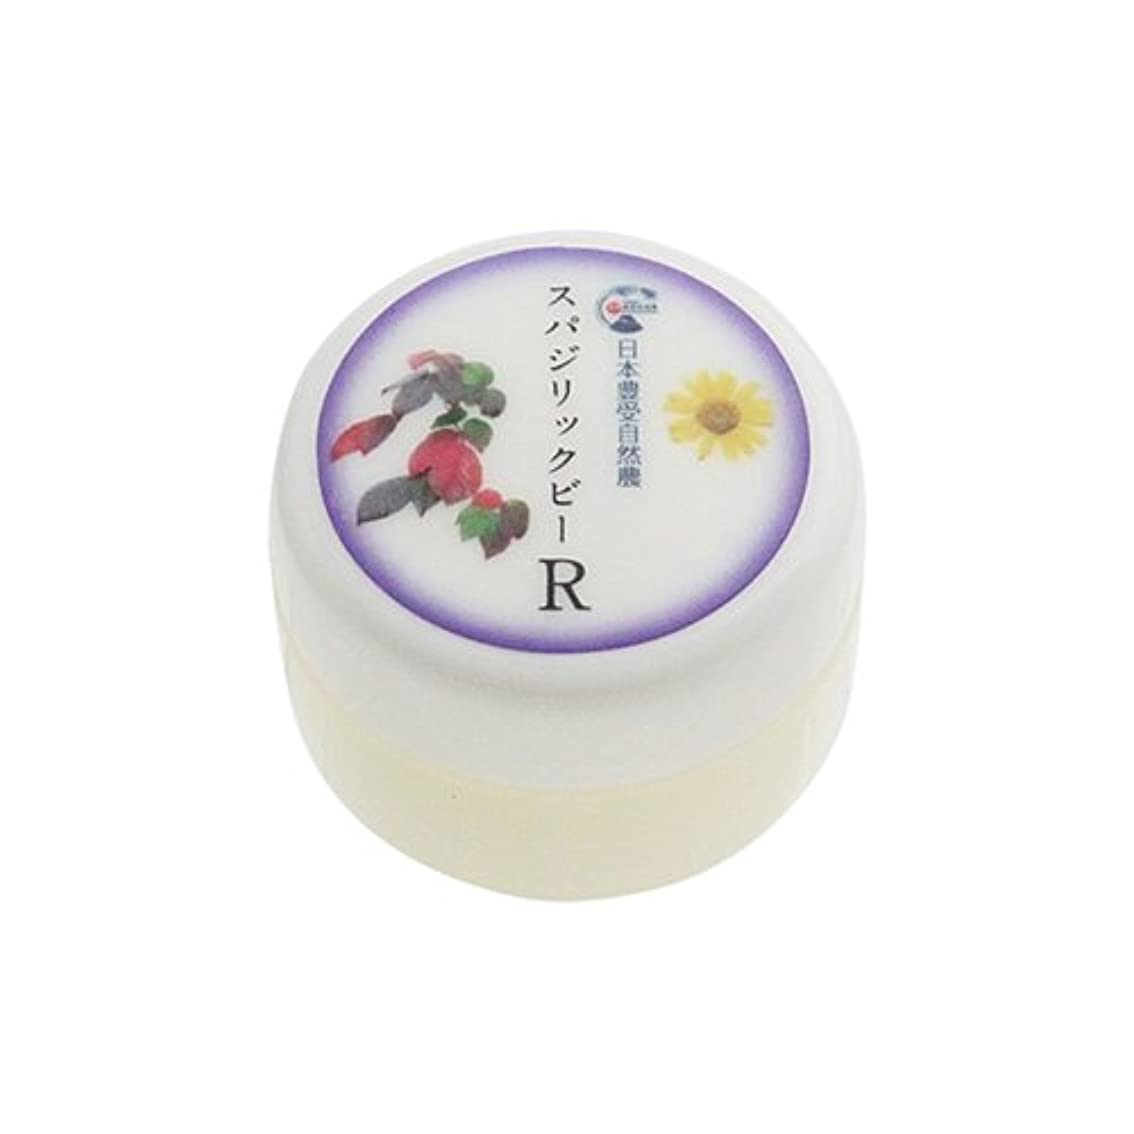 フック逃れる蒸し器日本豊受自然農 スパジリック ビーR(小) 10g